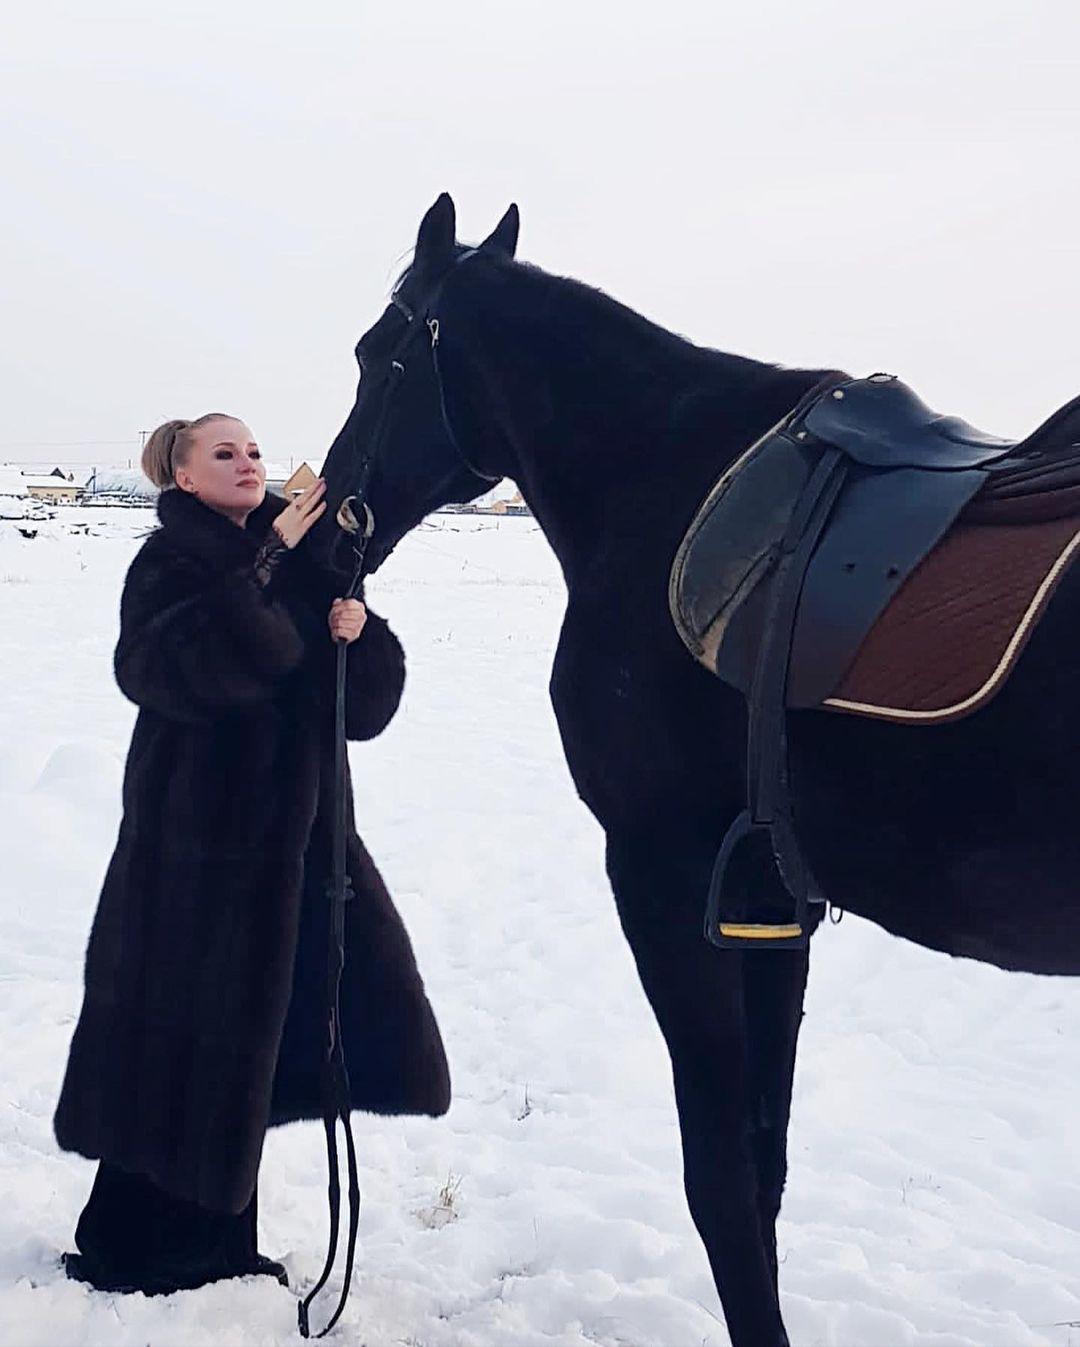 Надина Эльпис представила свой новый клип со знойным мачо